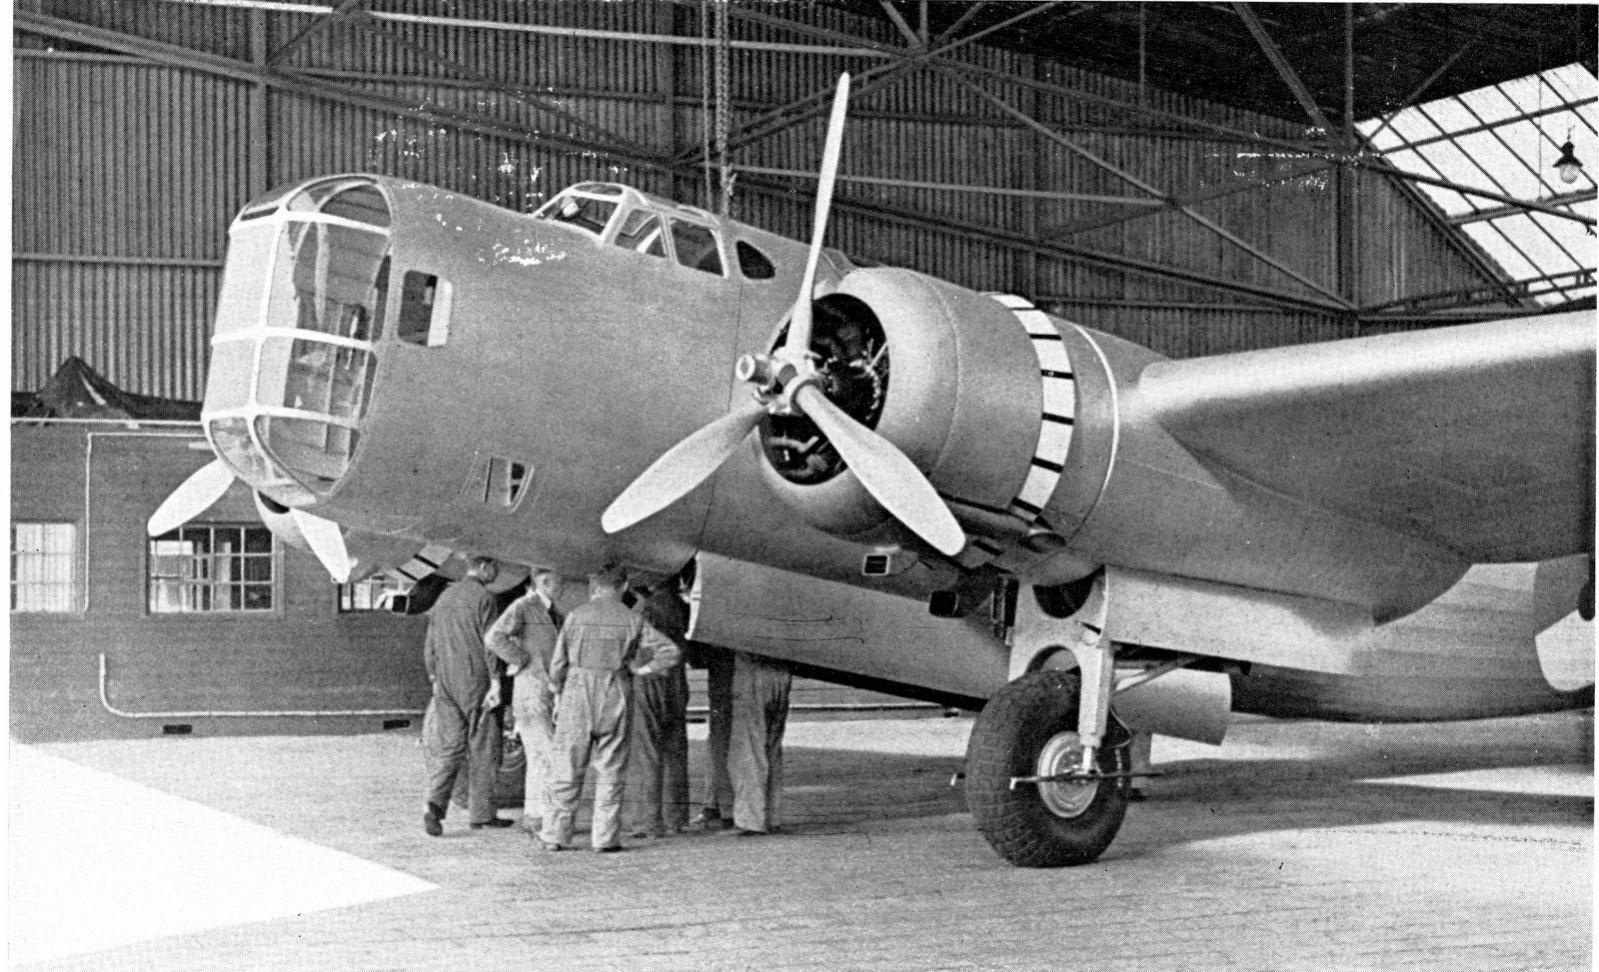 Naam: T 5  1  Het Vliegveld, nov 1937 (1600x973).jpg Bekeken: 492 Grootte: 305,1 KB